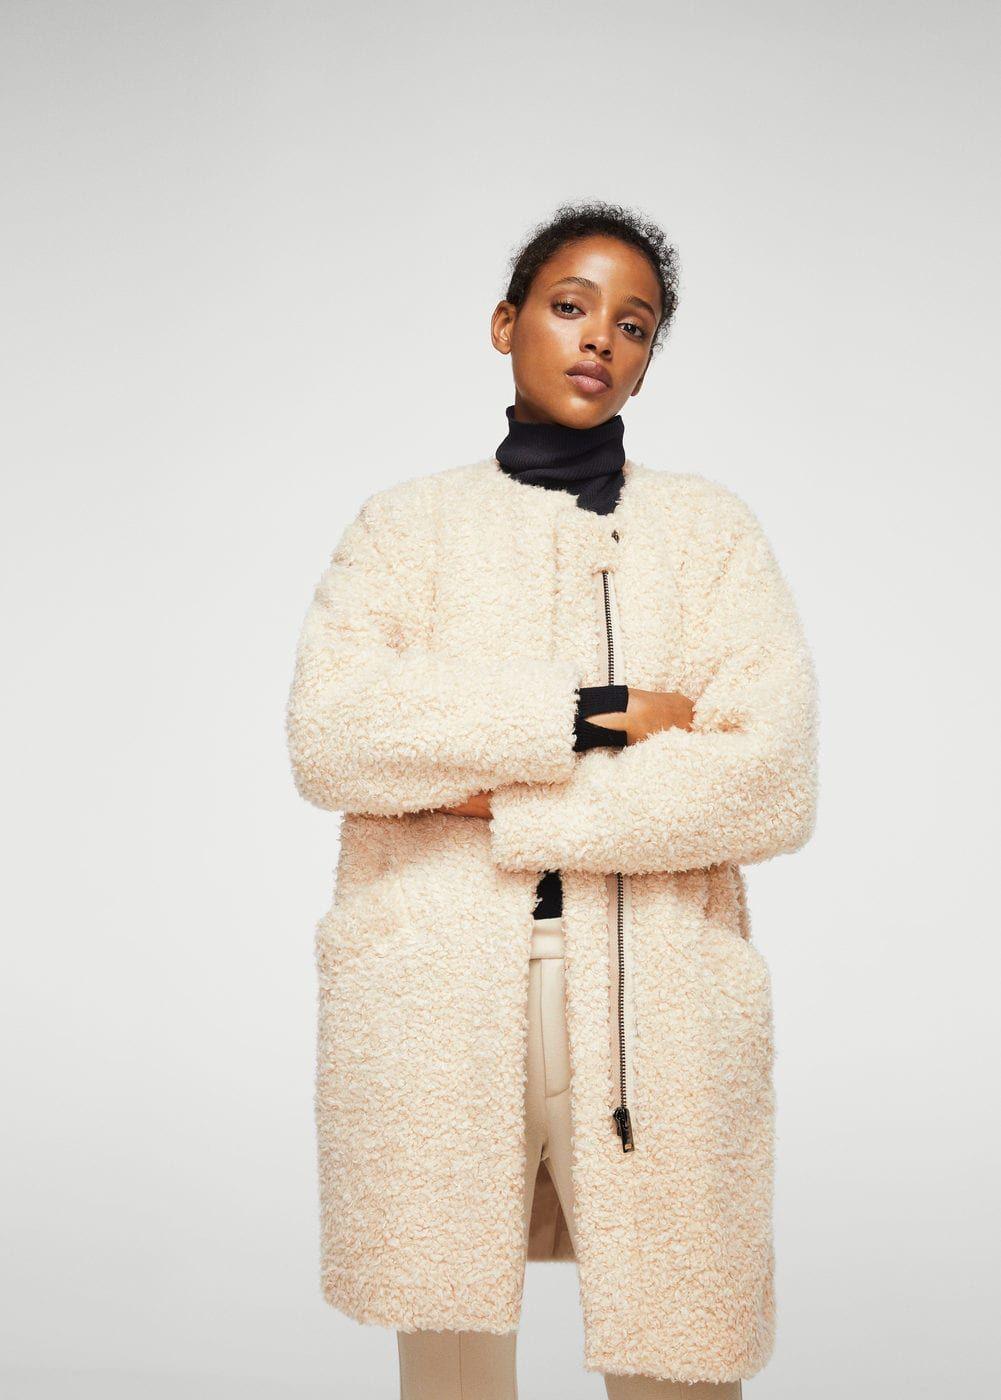 magasin en ligne faa47 47ef6 Manteau imitation mouton - Femme | Mango nouveaute pour l ...